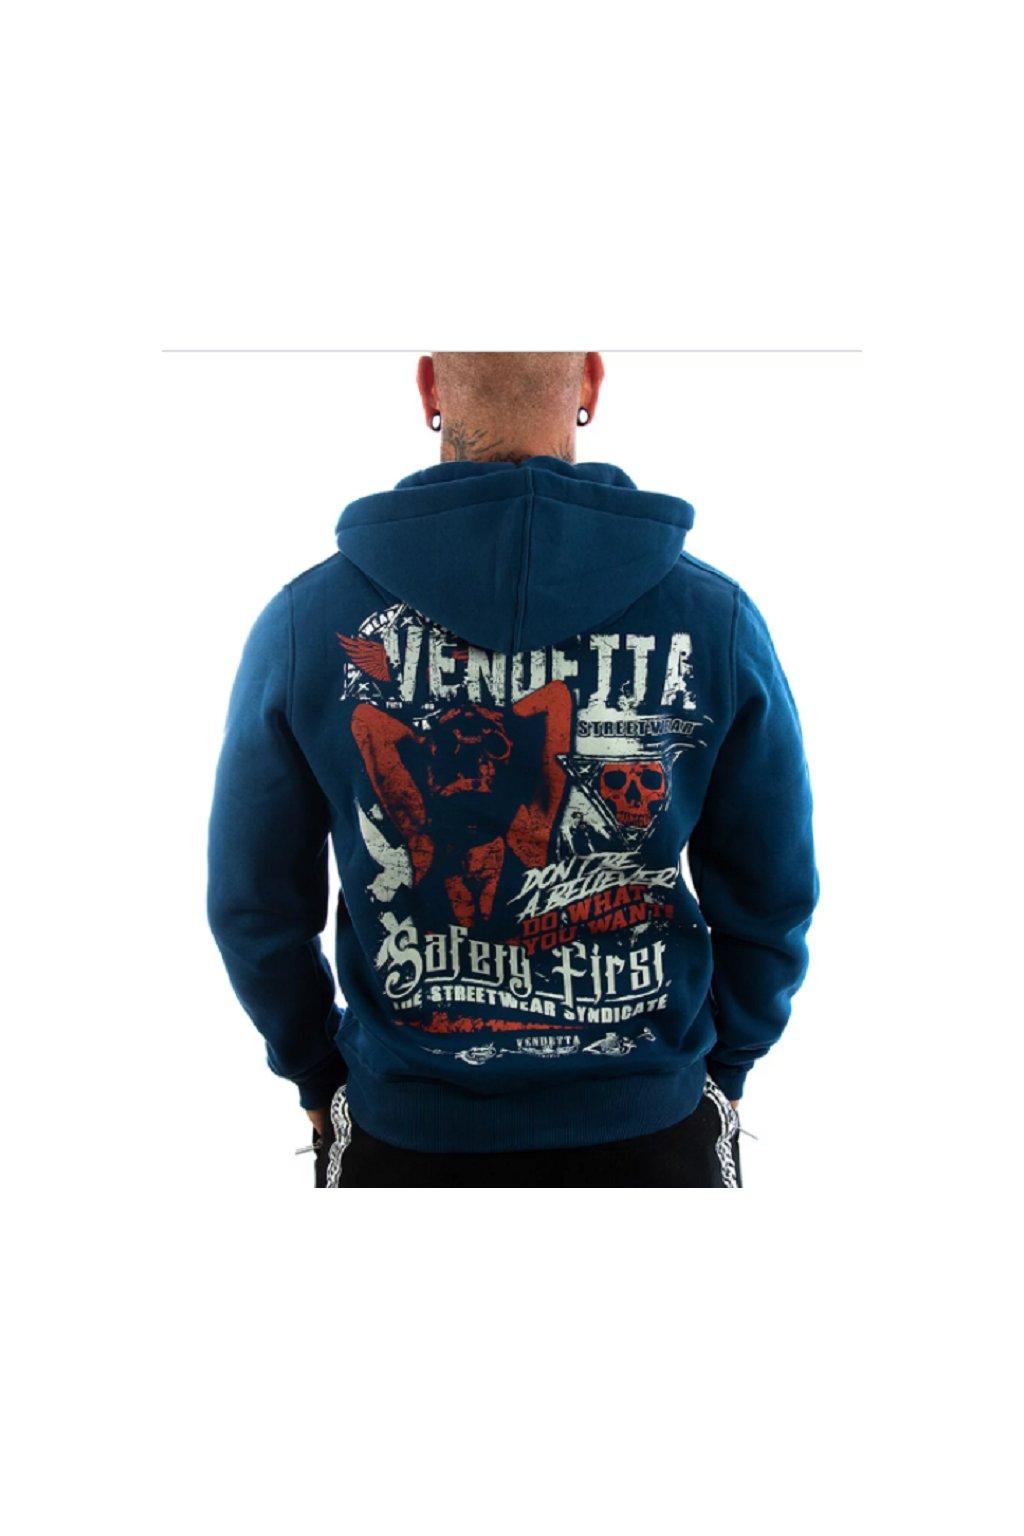 Pánská mikina s kapucí a zipem Vendetta Inc .Safery tmavě modrá obr1